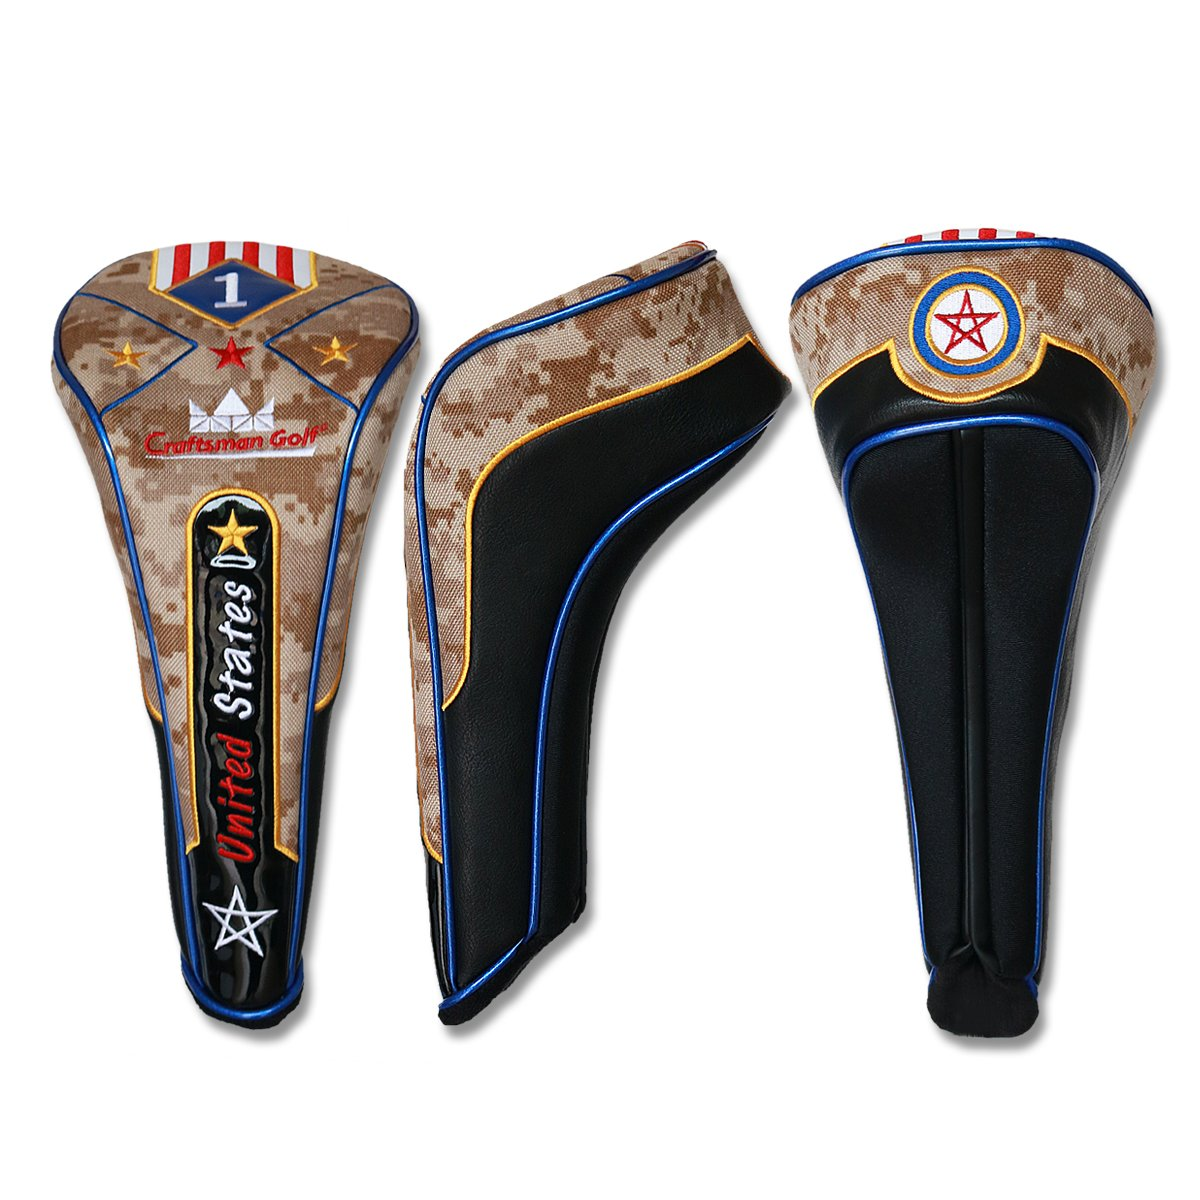 Craftsman Golf Artesano Golf camuflaje cabeza de palo de ...